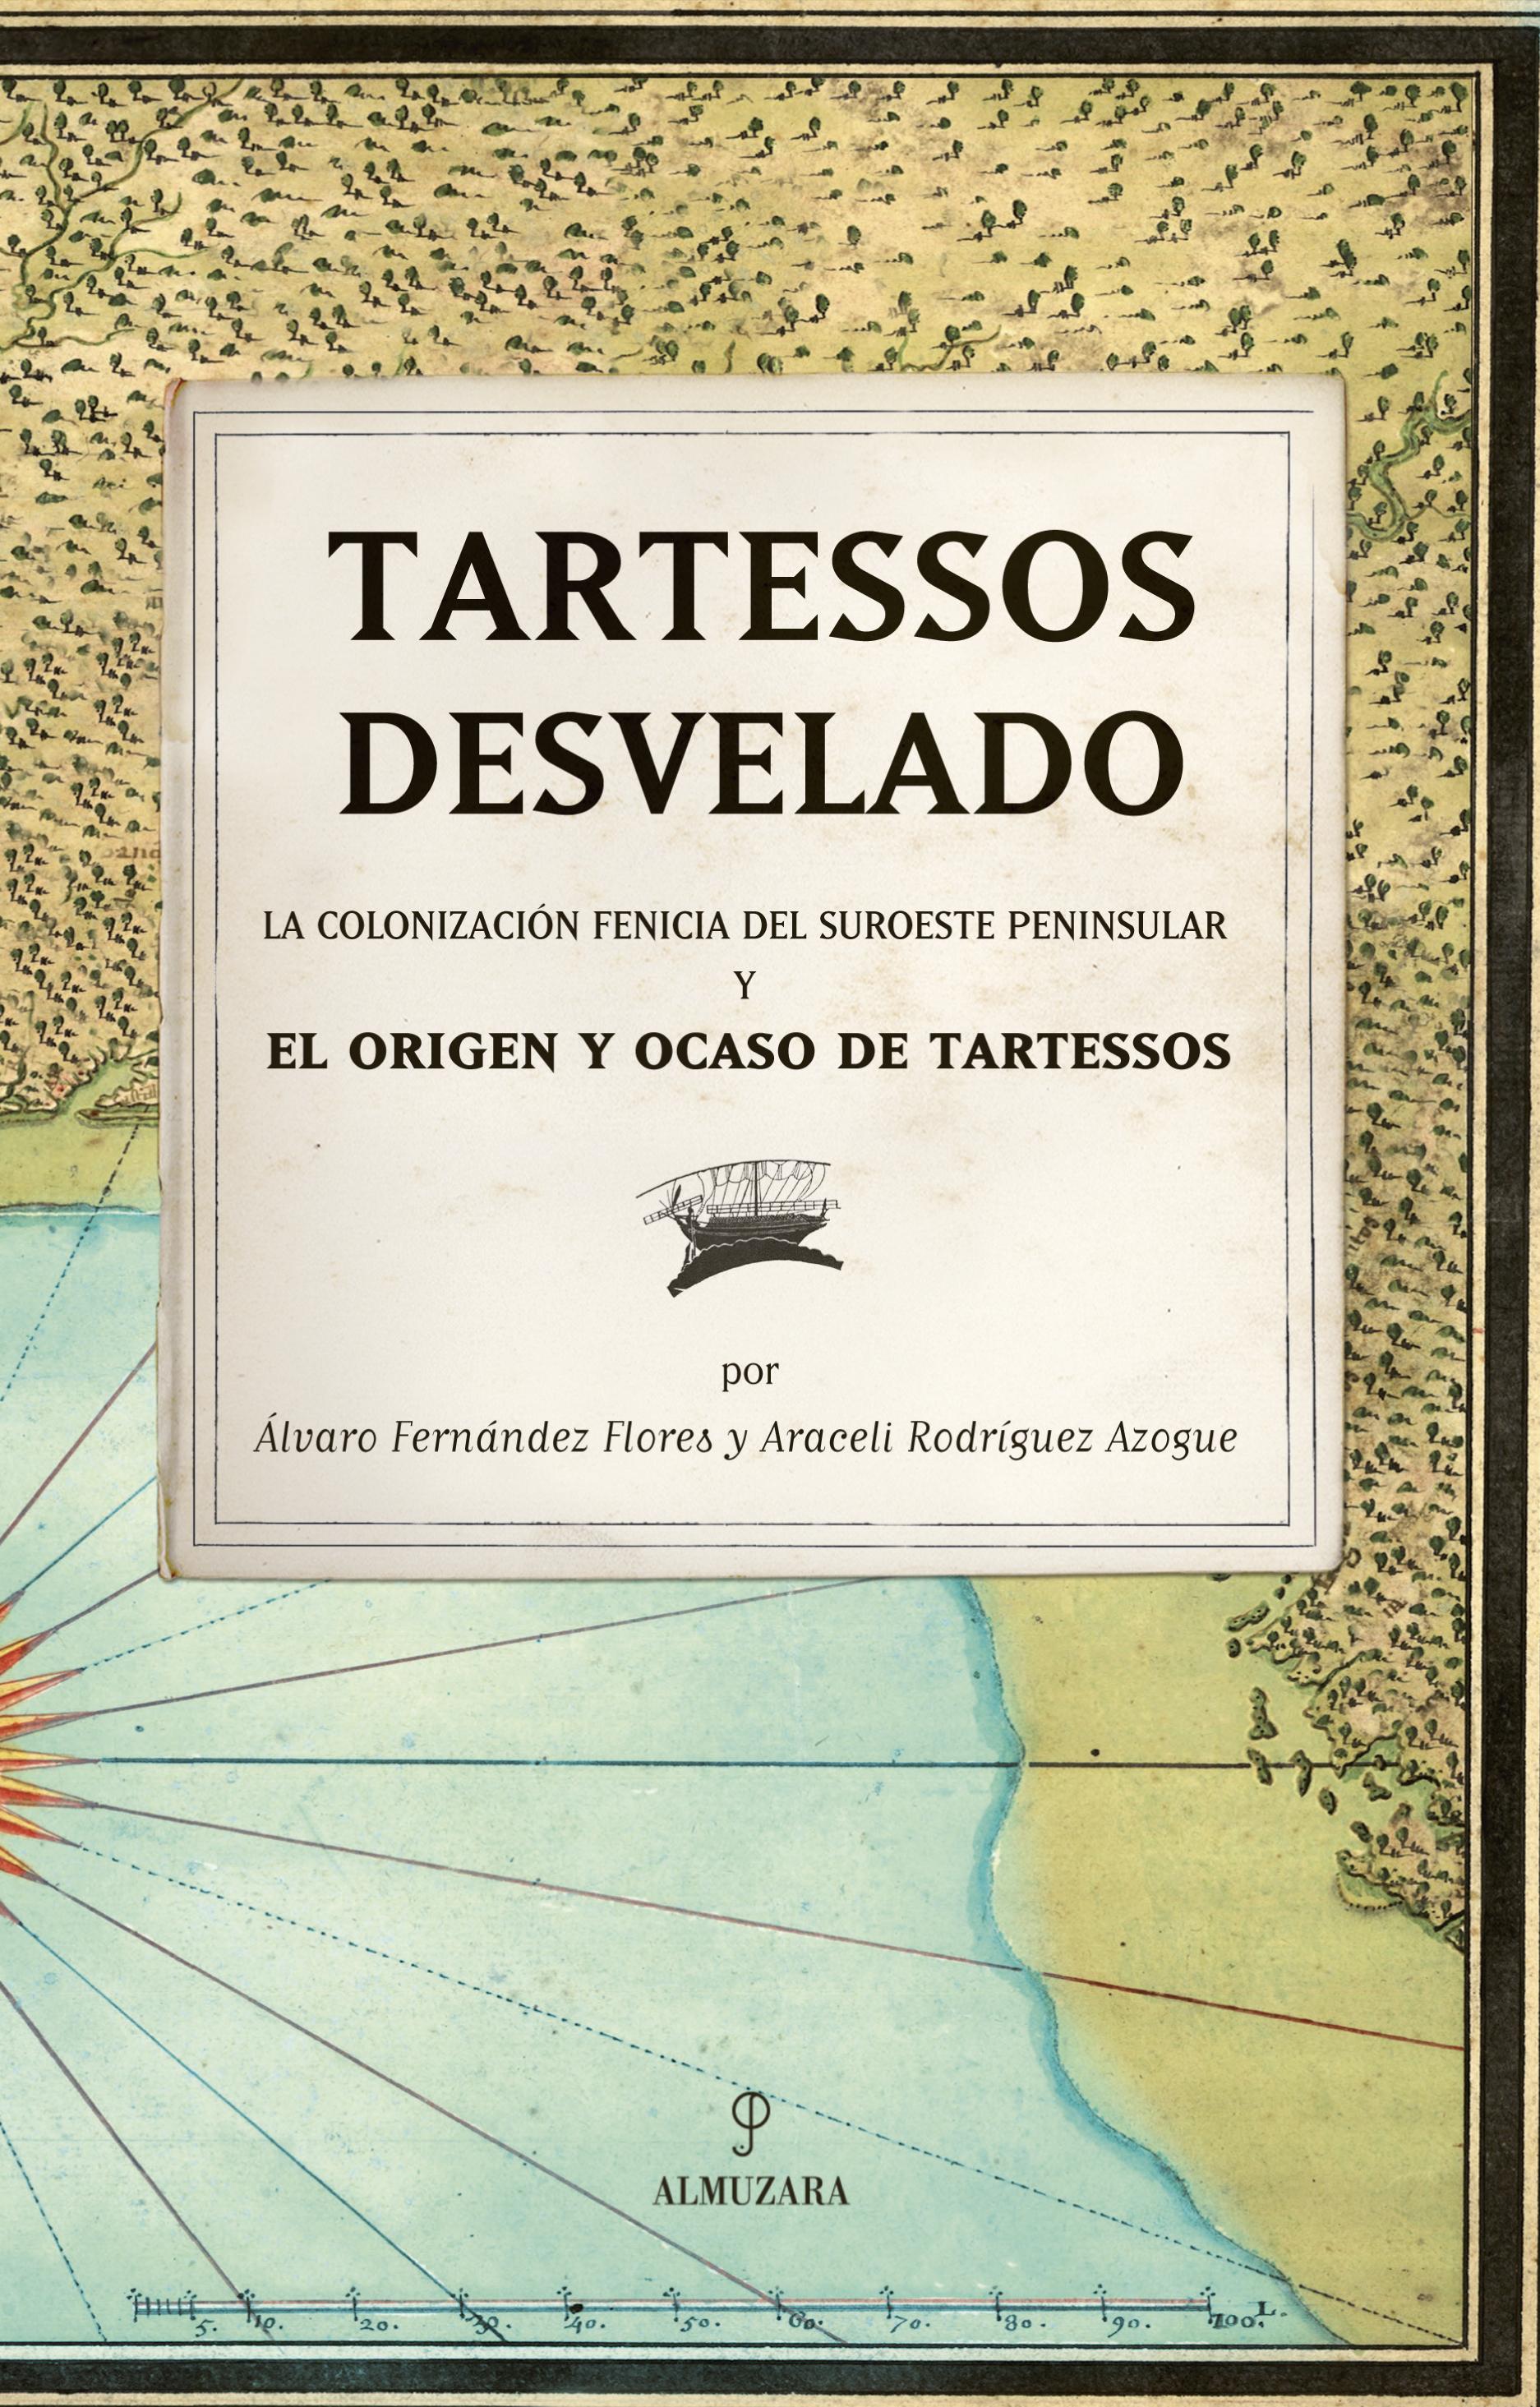 TARTESSOS DESVELADO: LA COLONIZACIÓN FENICIA DEL SUROESTE PENINSULAR Y EL ORIGEN Y OCASO DE TAR